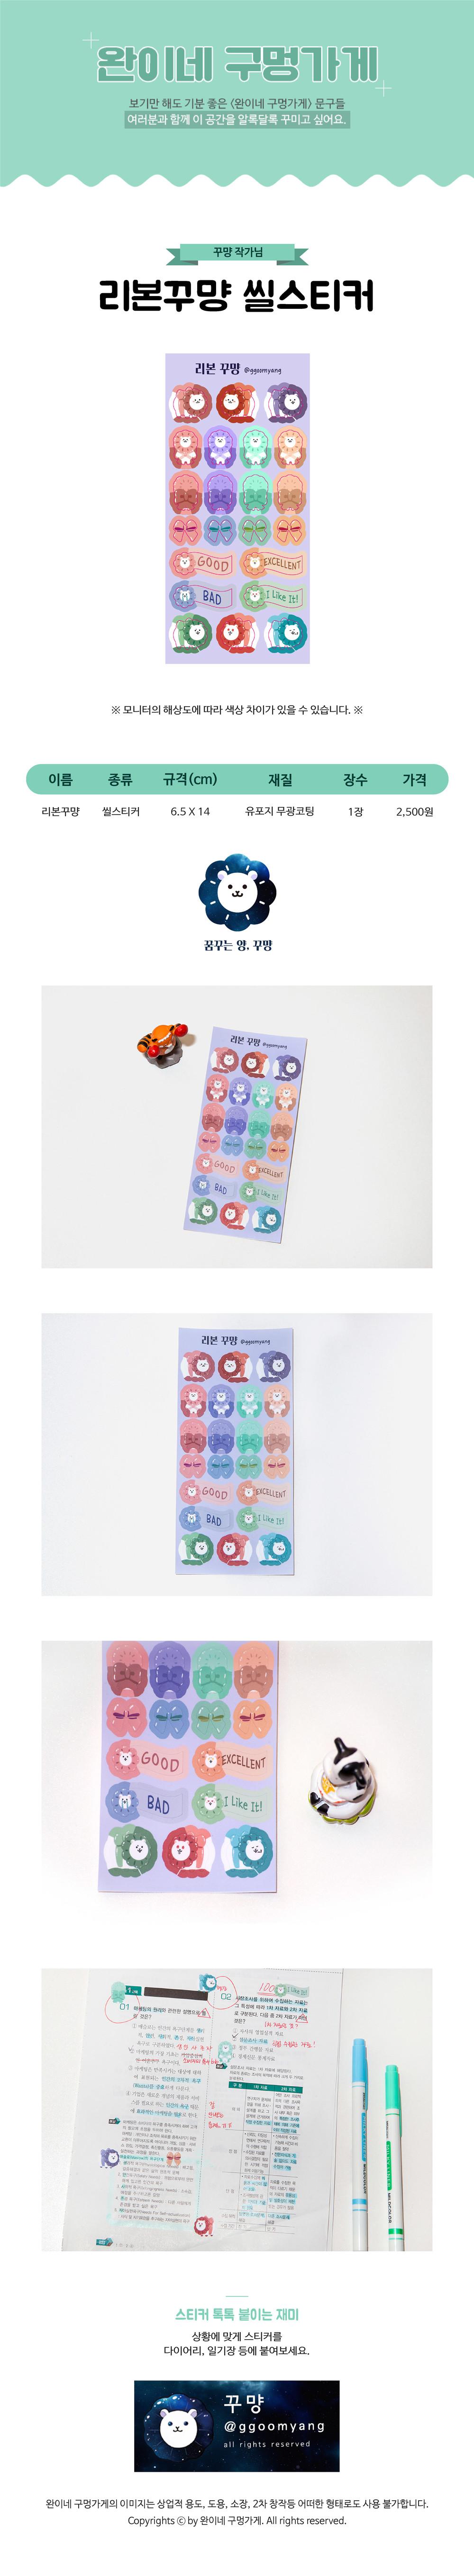 sticker870